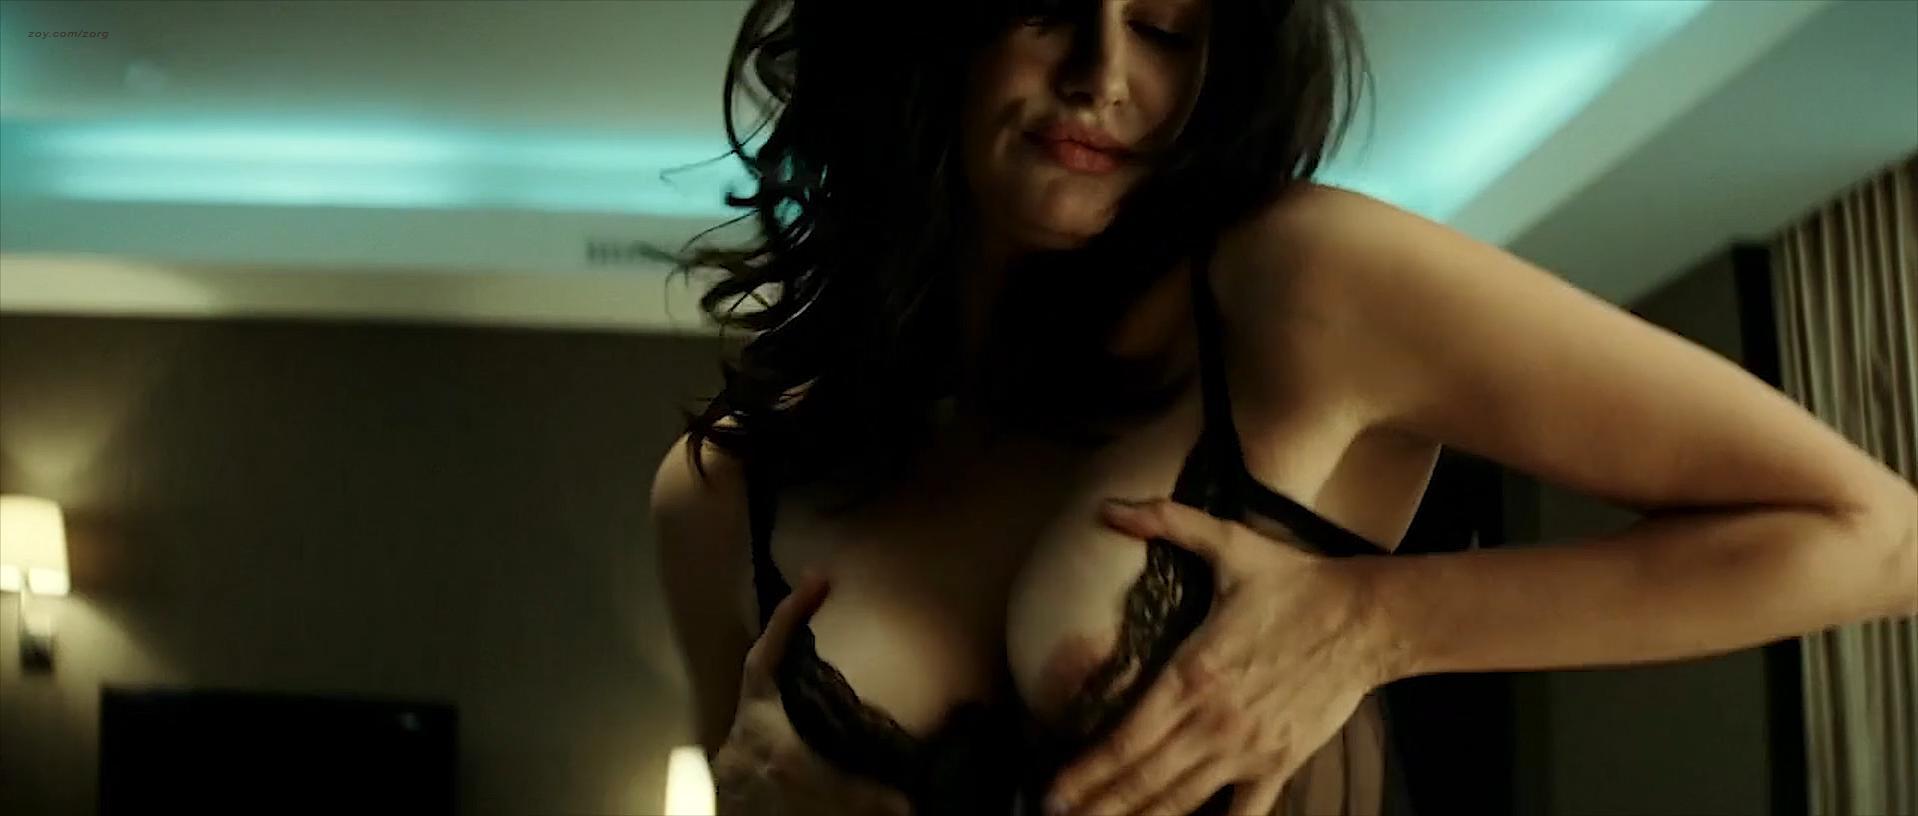 Helena Noguerra nude, Vanessa Paradis sexy - L'Arnacoeur (2010)